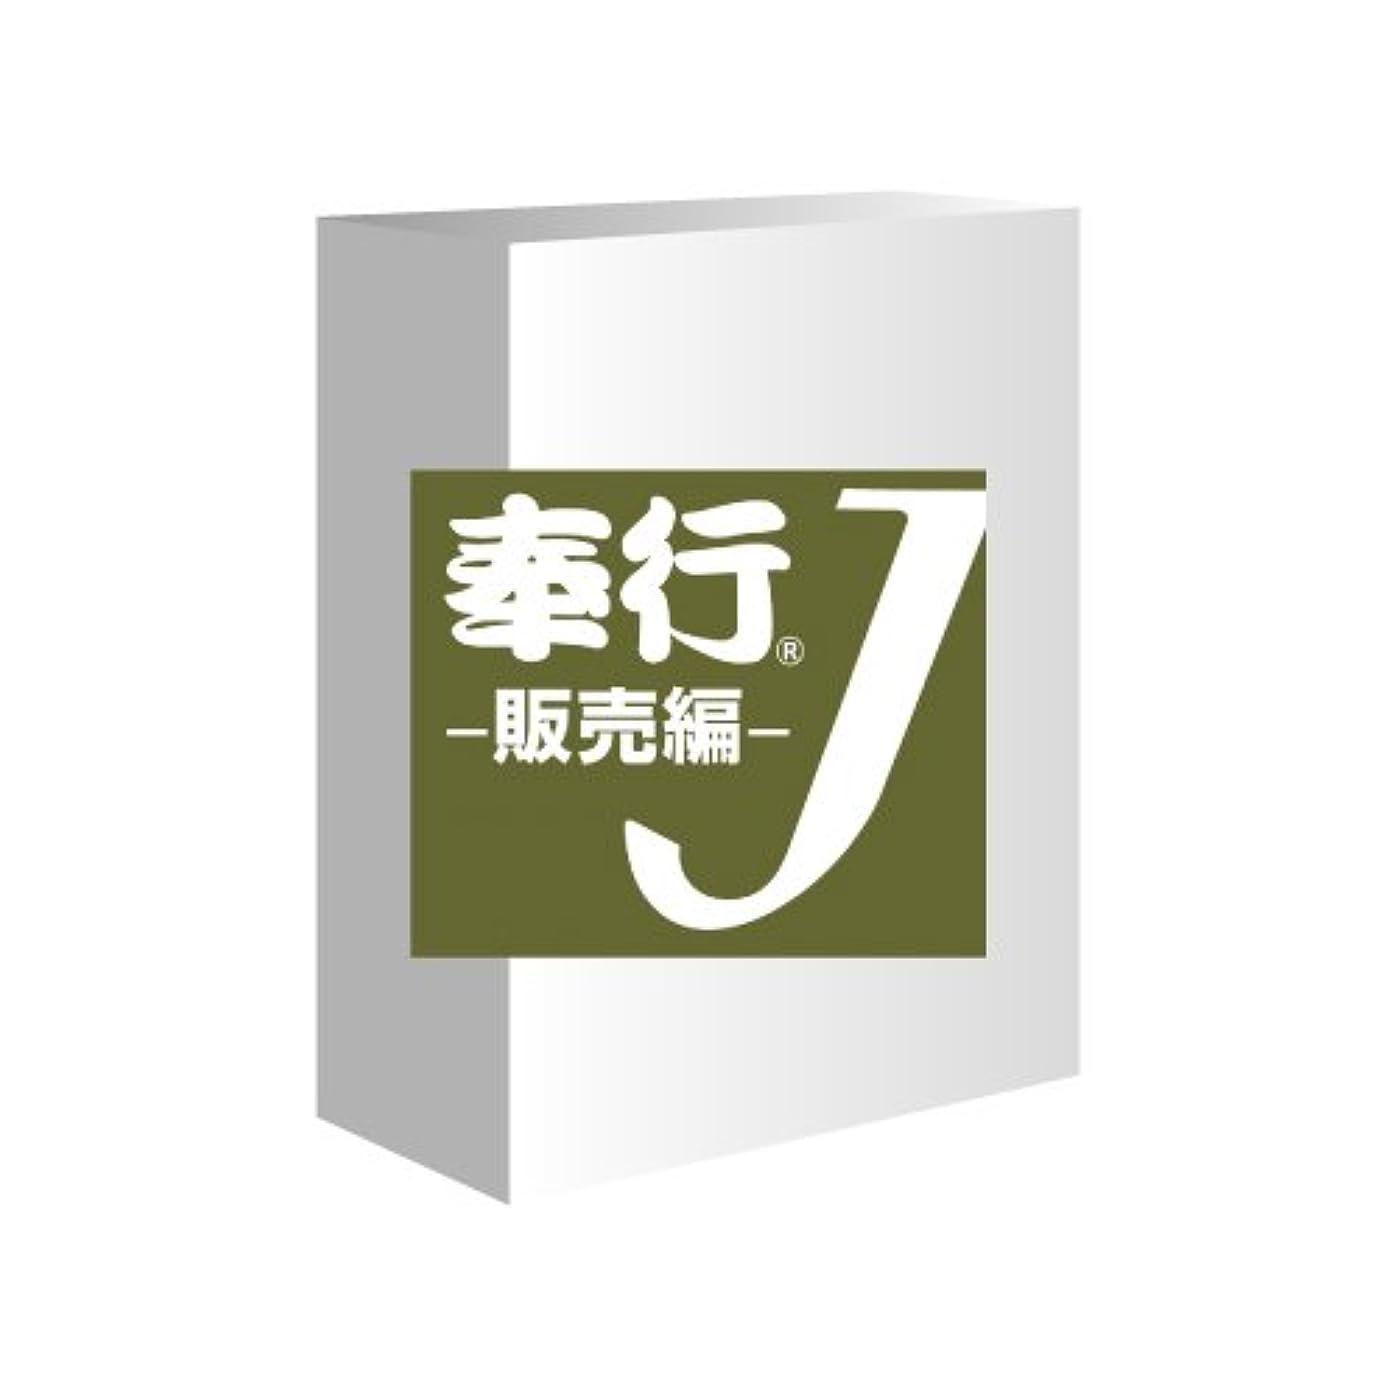 ジョージスティーブンソン仕事に行く誓約OBC 奉行J -販売編- 【オービックビジネスコンサルタント】